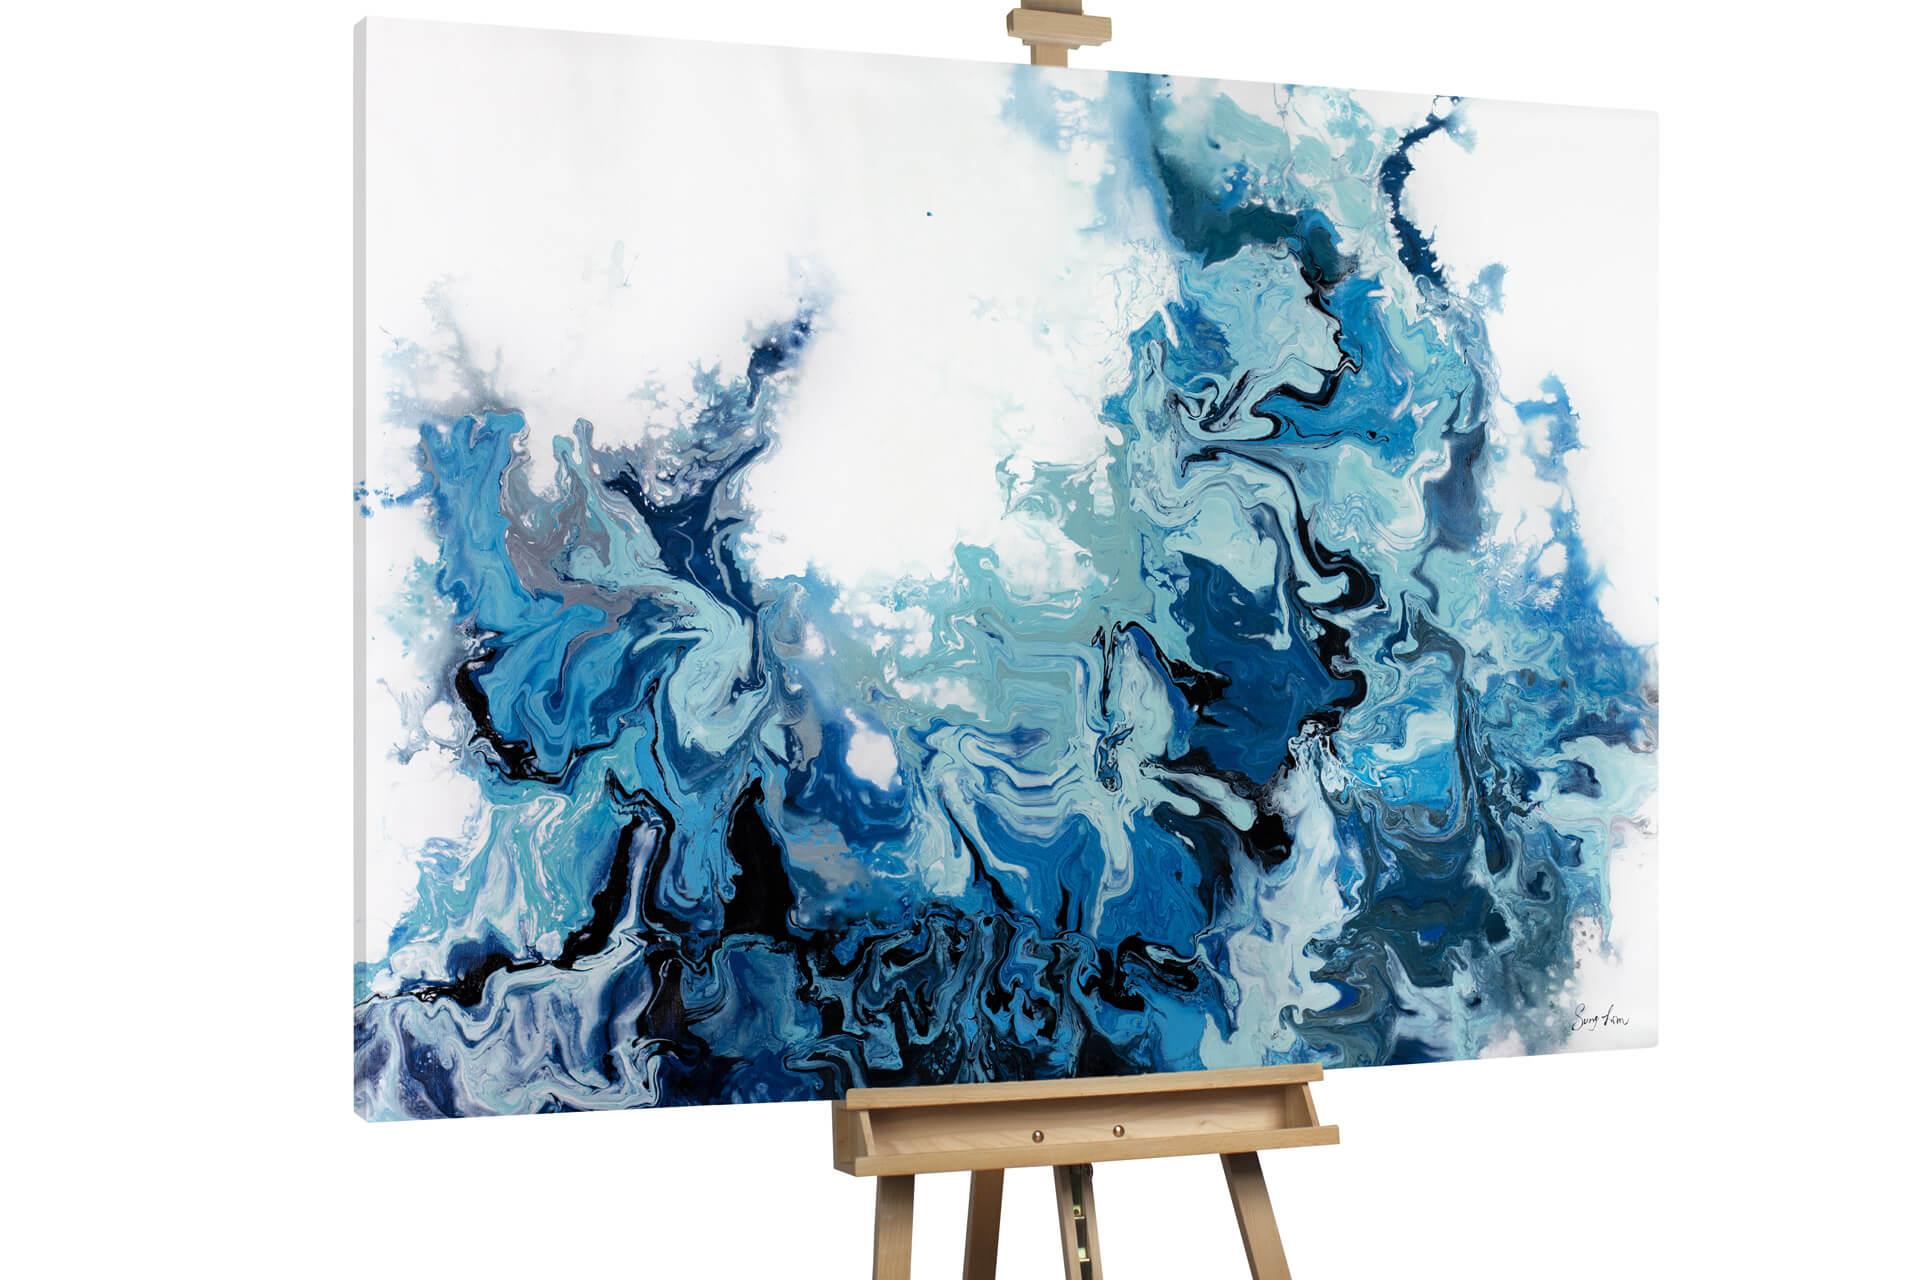 kl abstrakt blau tuerkis weiss modern acryl gemaelde oel bild 0001 02